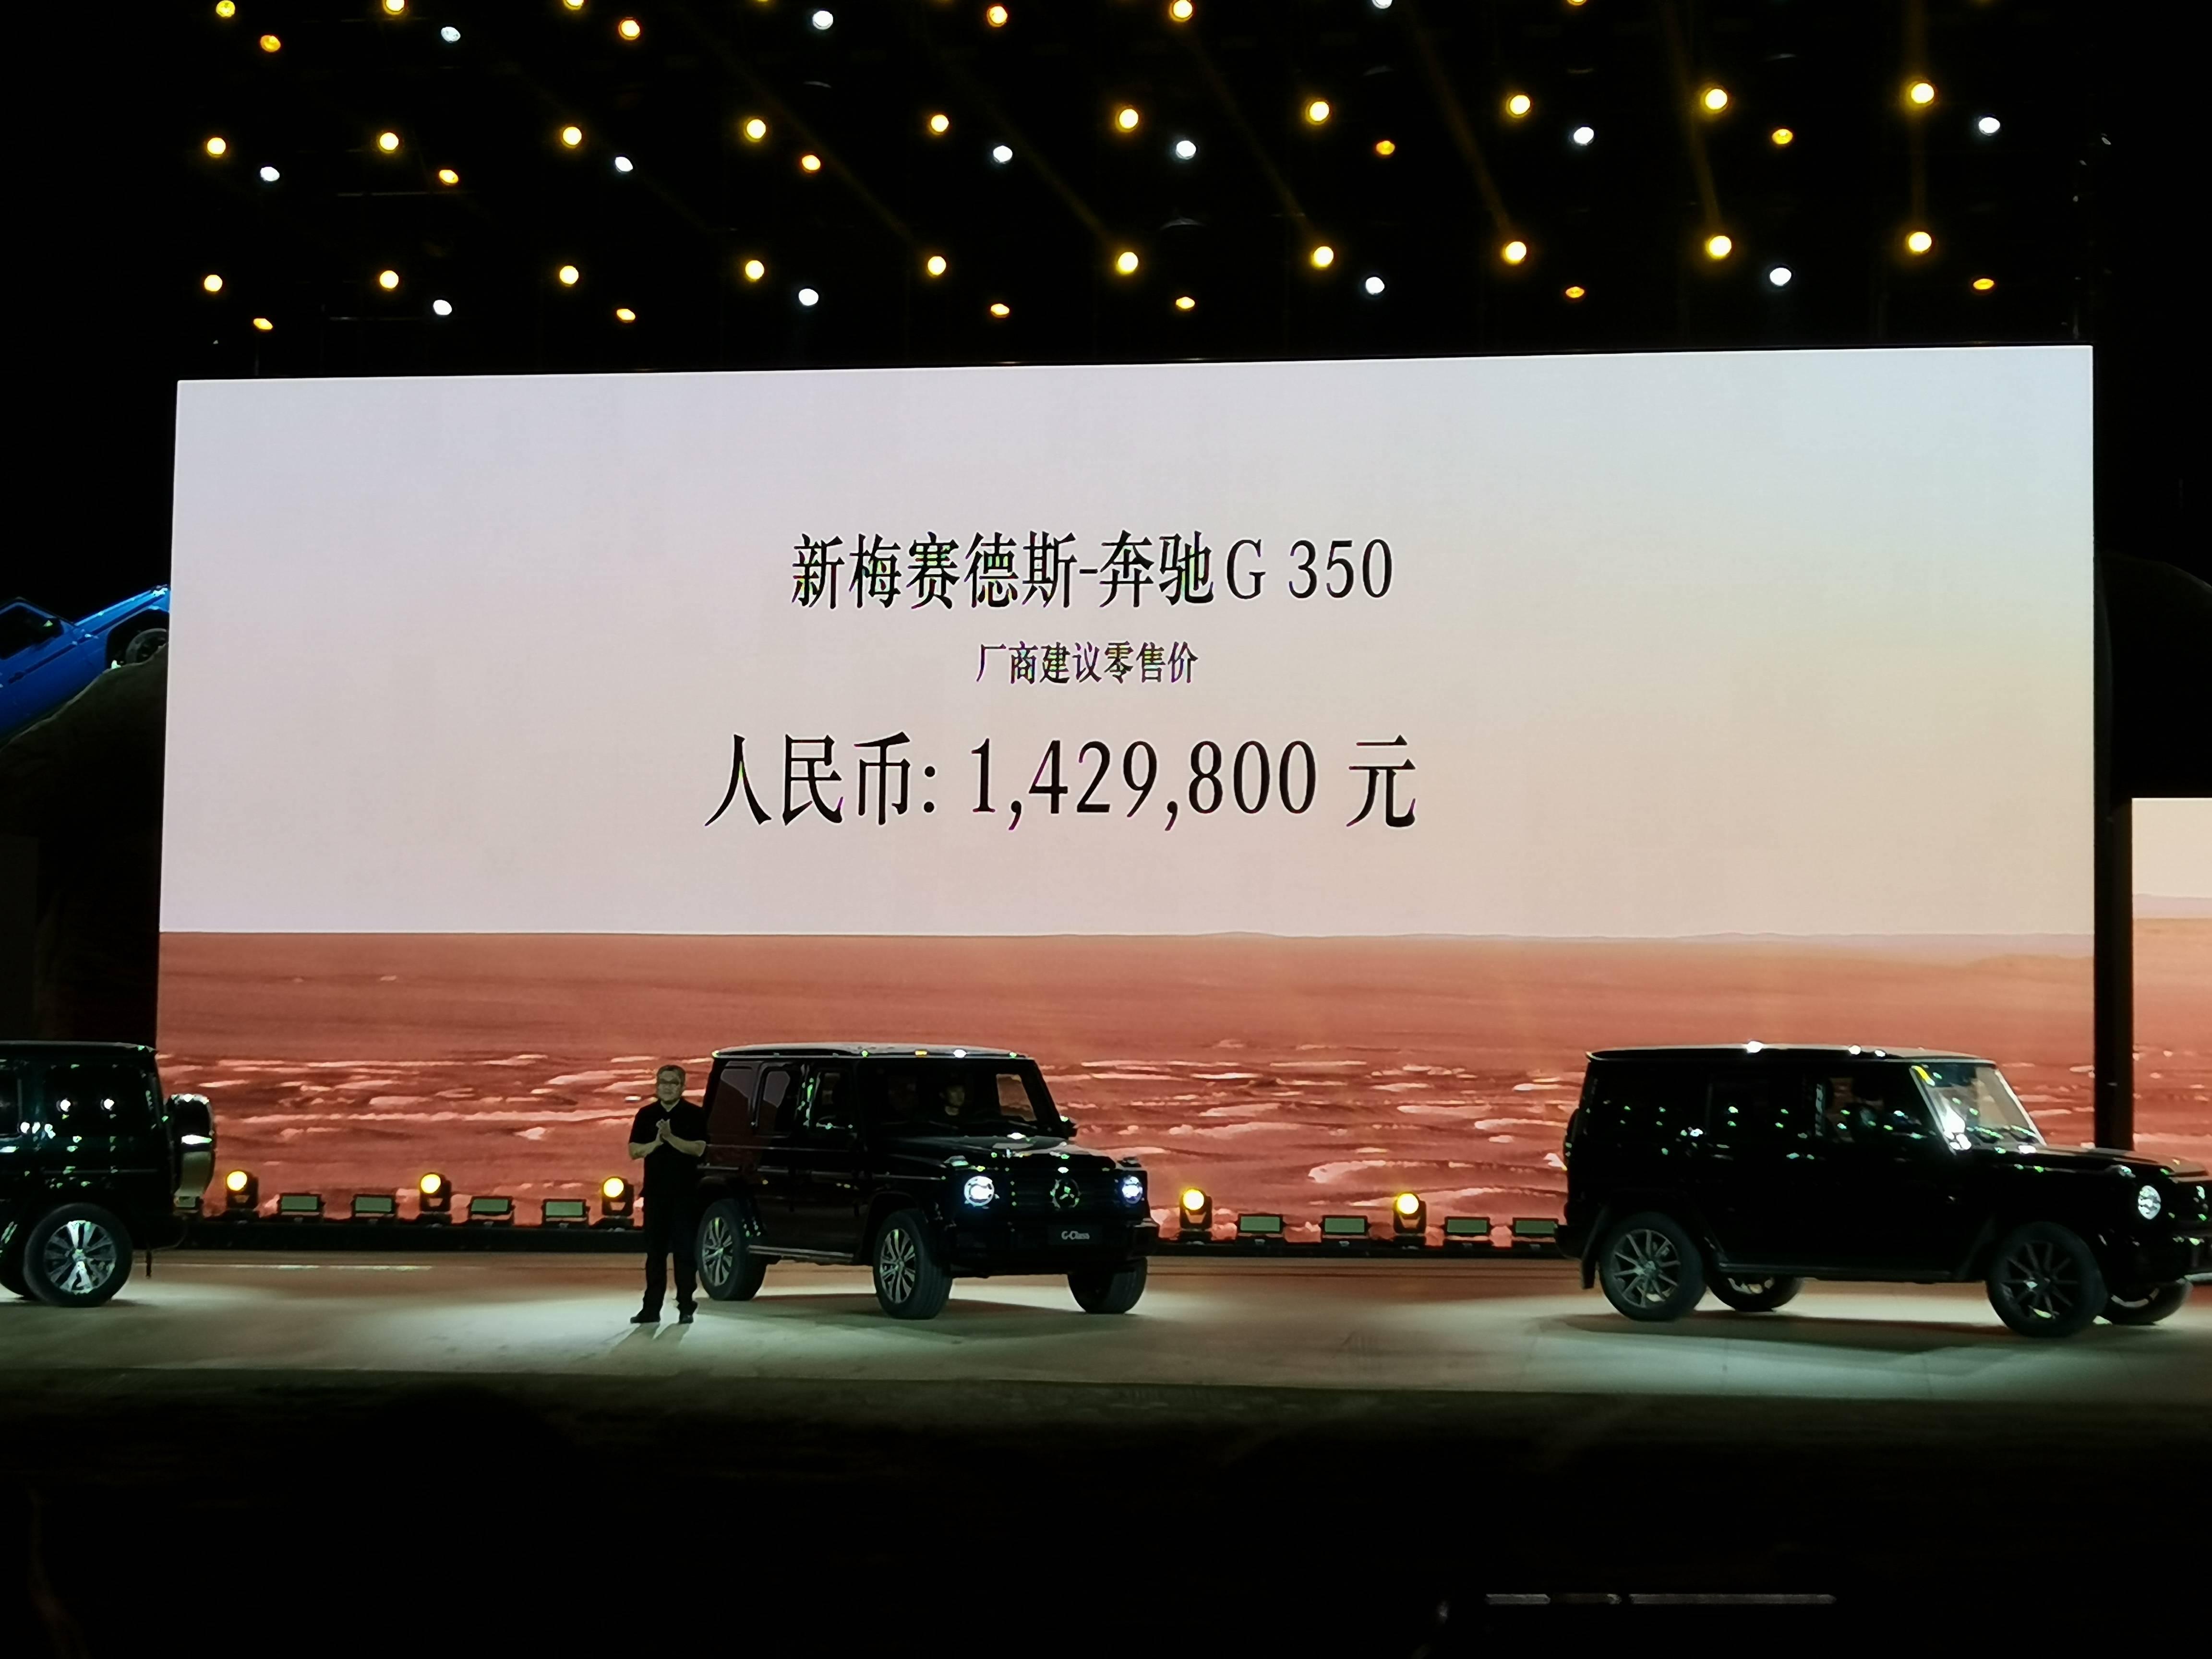 花142.98万买2.0T奔驰G,真是人傻钱多?